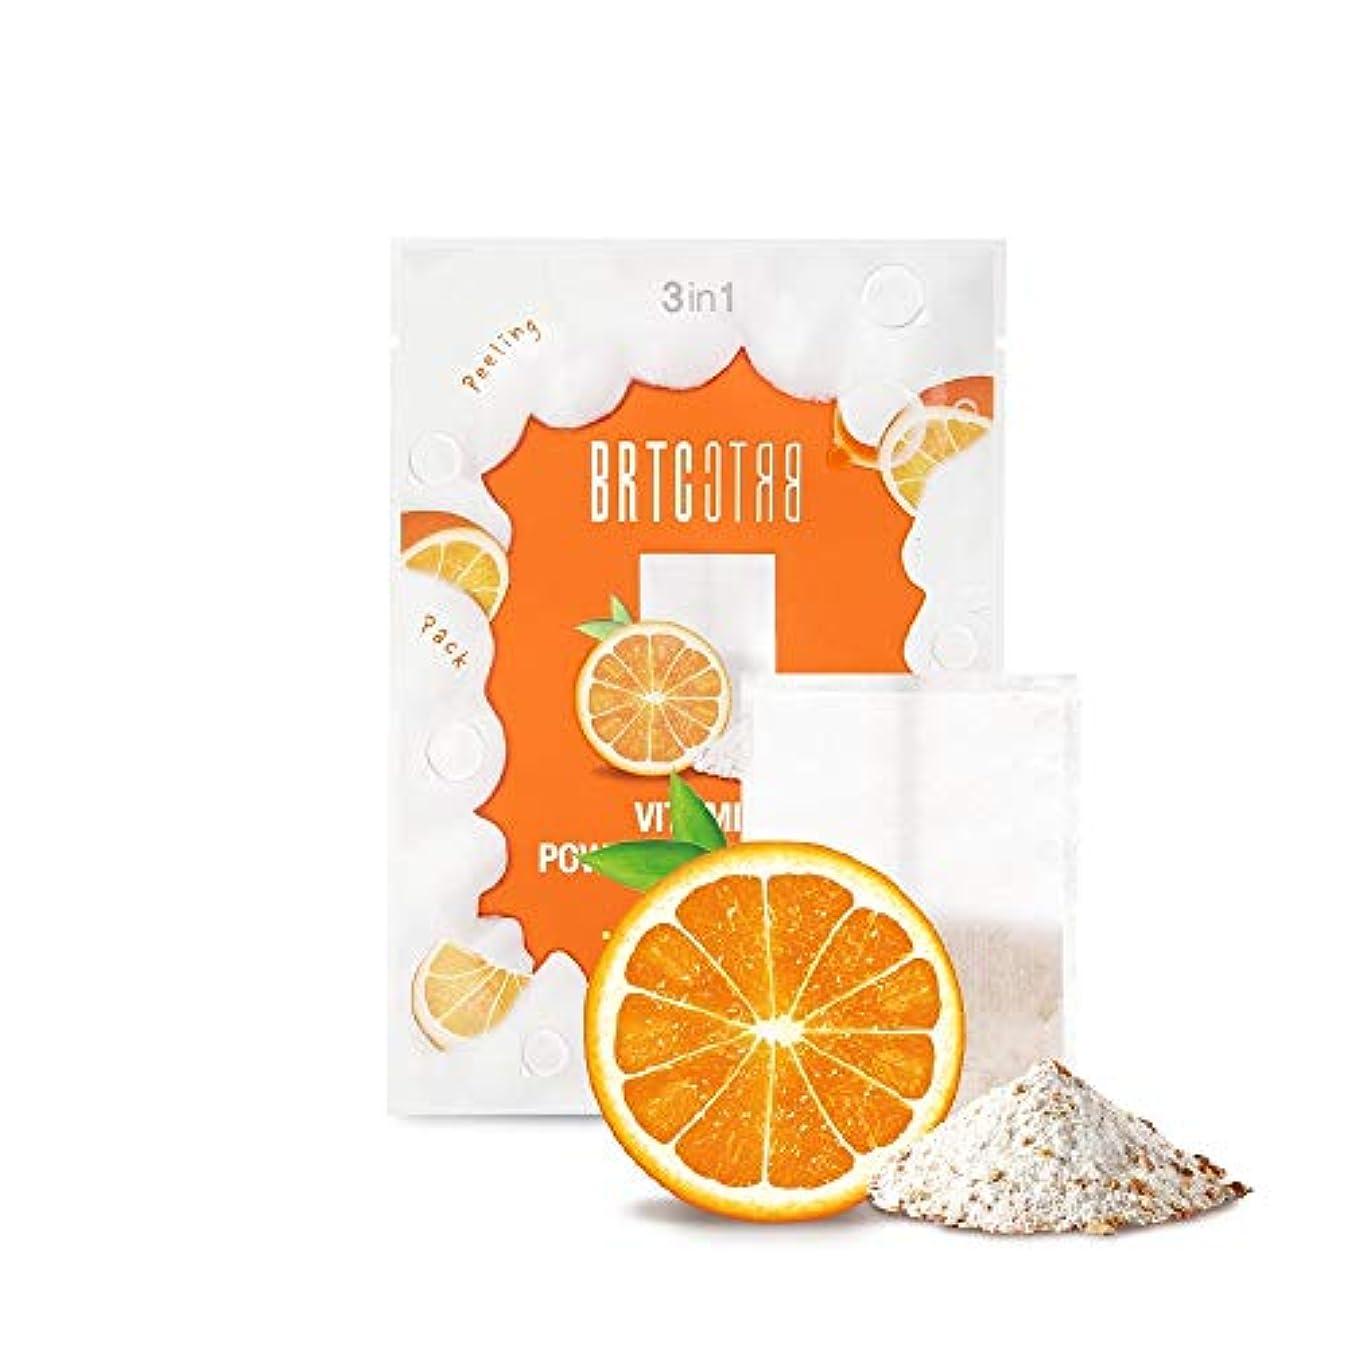 メロン省に変わるBRTC V10ビタミンパウダークレンジングティーバッグ V10 Vitamin Powder Cleansing Tea Bag [MANDARIN&ORANGE] 1.5g * 15ea [並行輸入品]